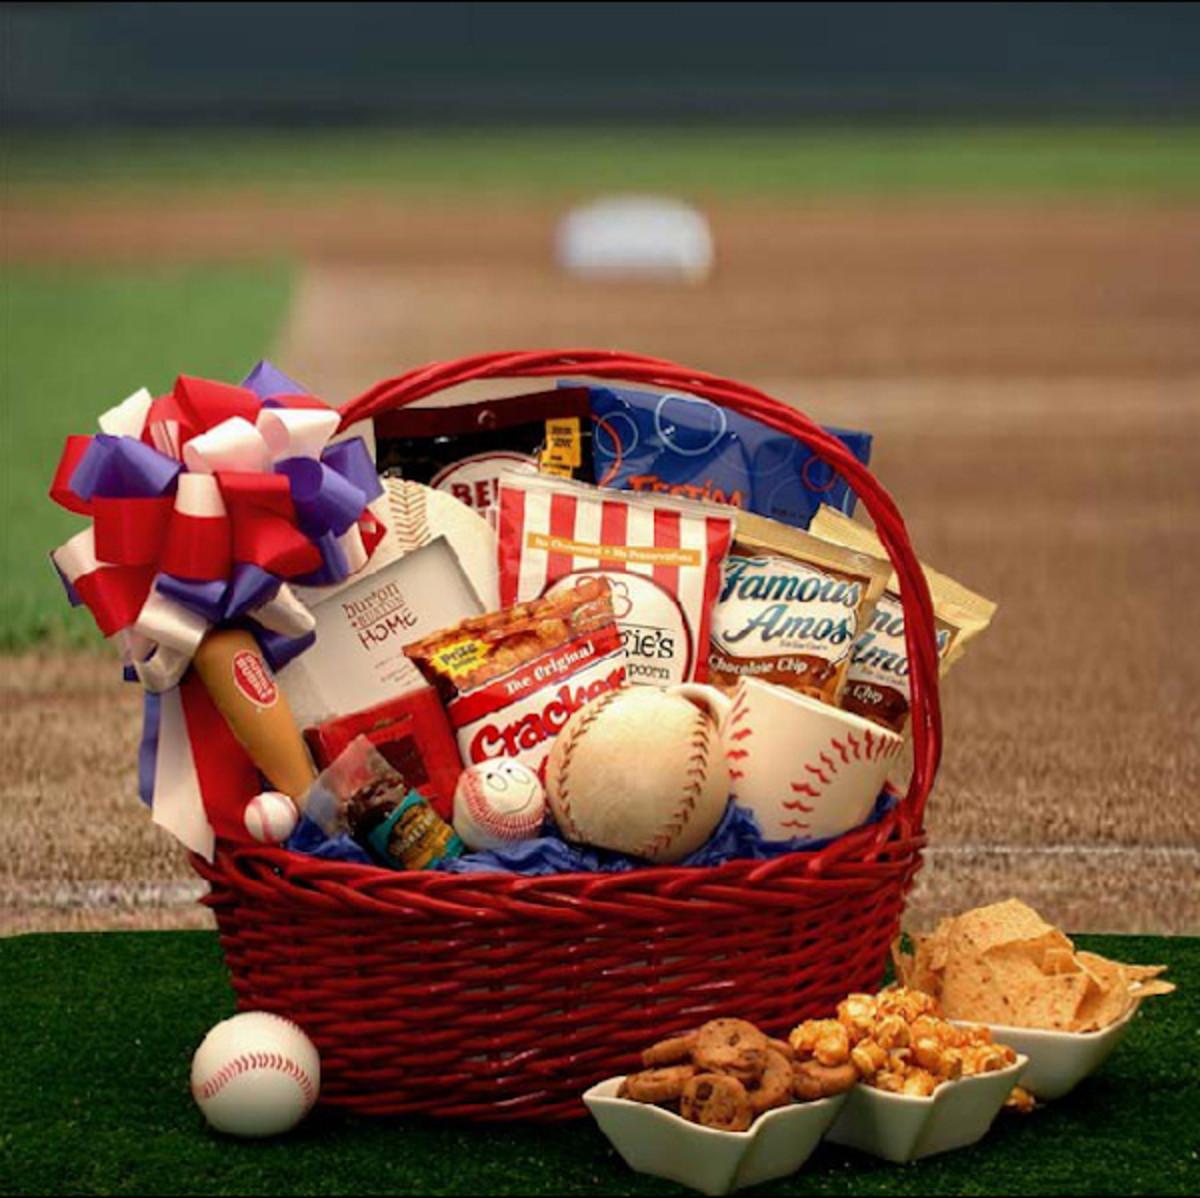 Baseball Fan Gift Basket